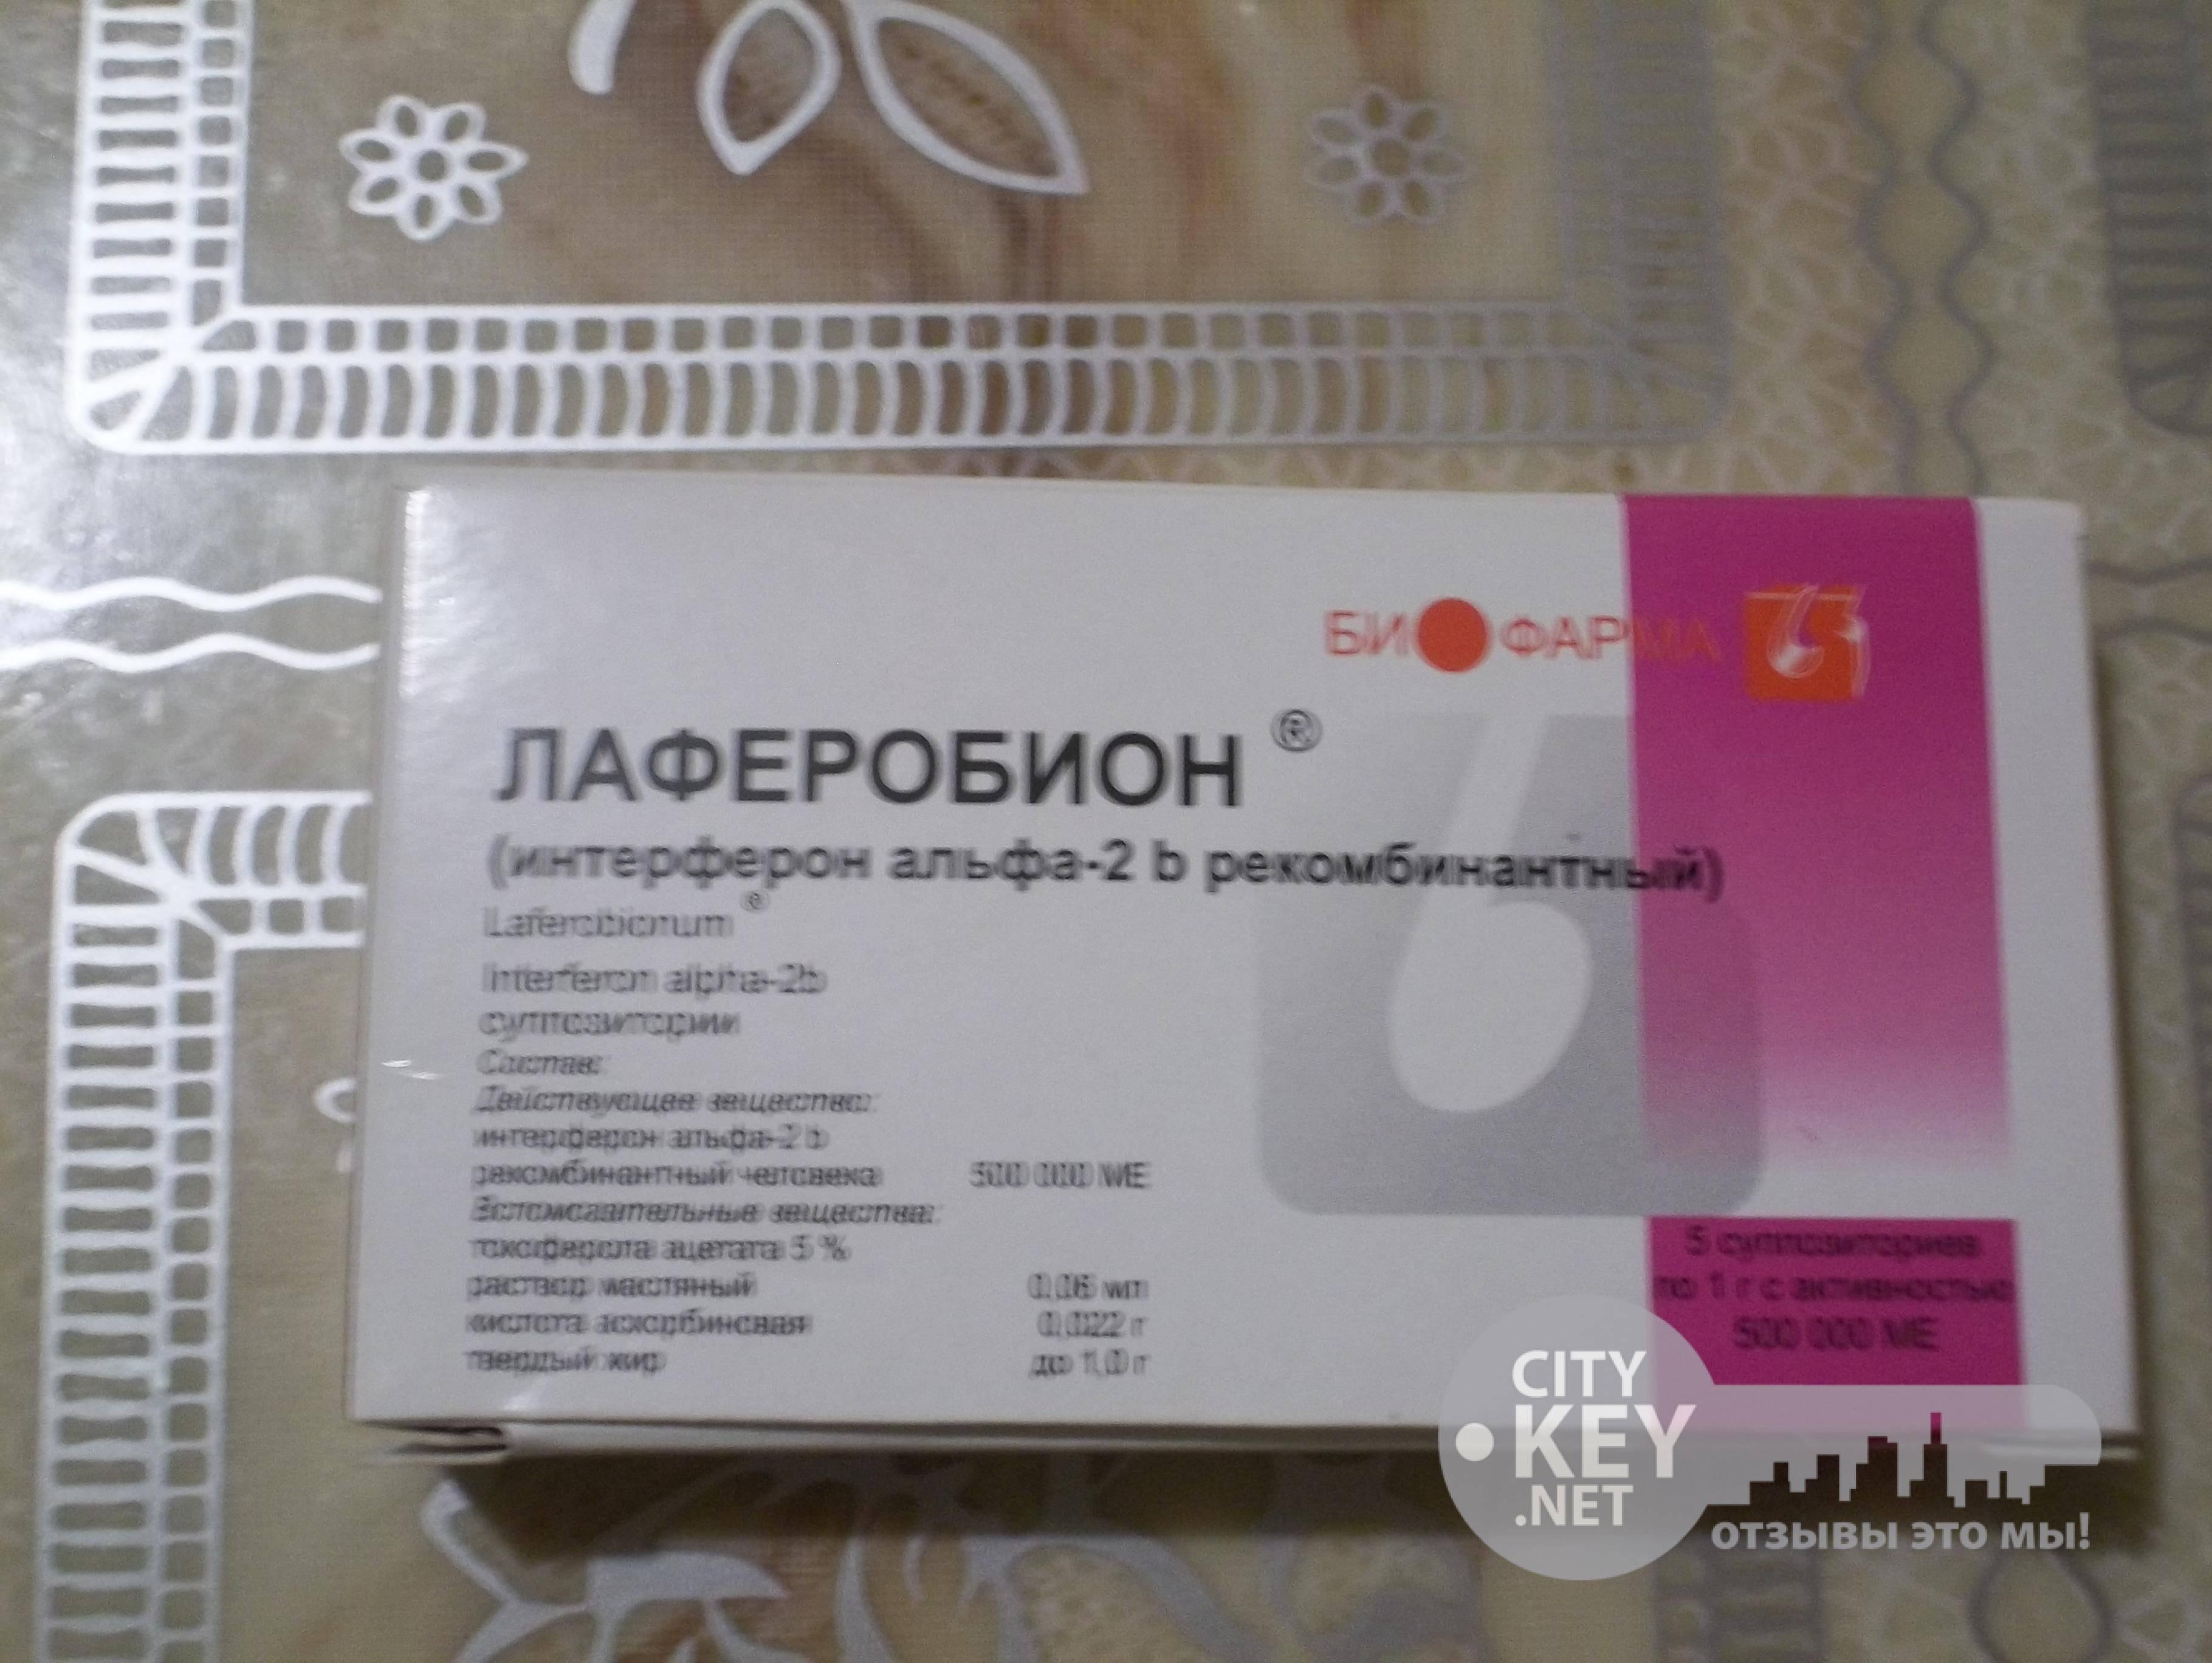 Лаферобион порошок назальный (интерферон альфа-2b) (laferobion)  | поиск, резервирование, заказ лекарств, препаратов в россии +7(499)70-418-70